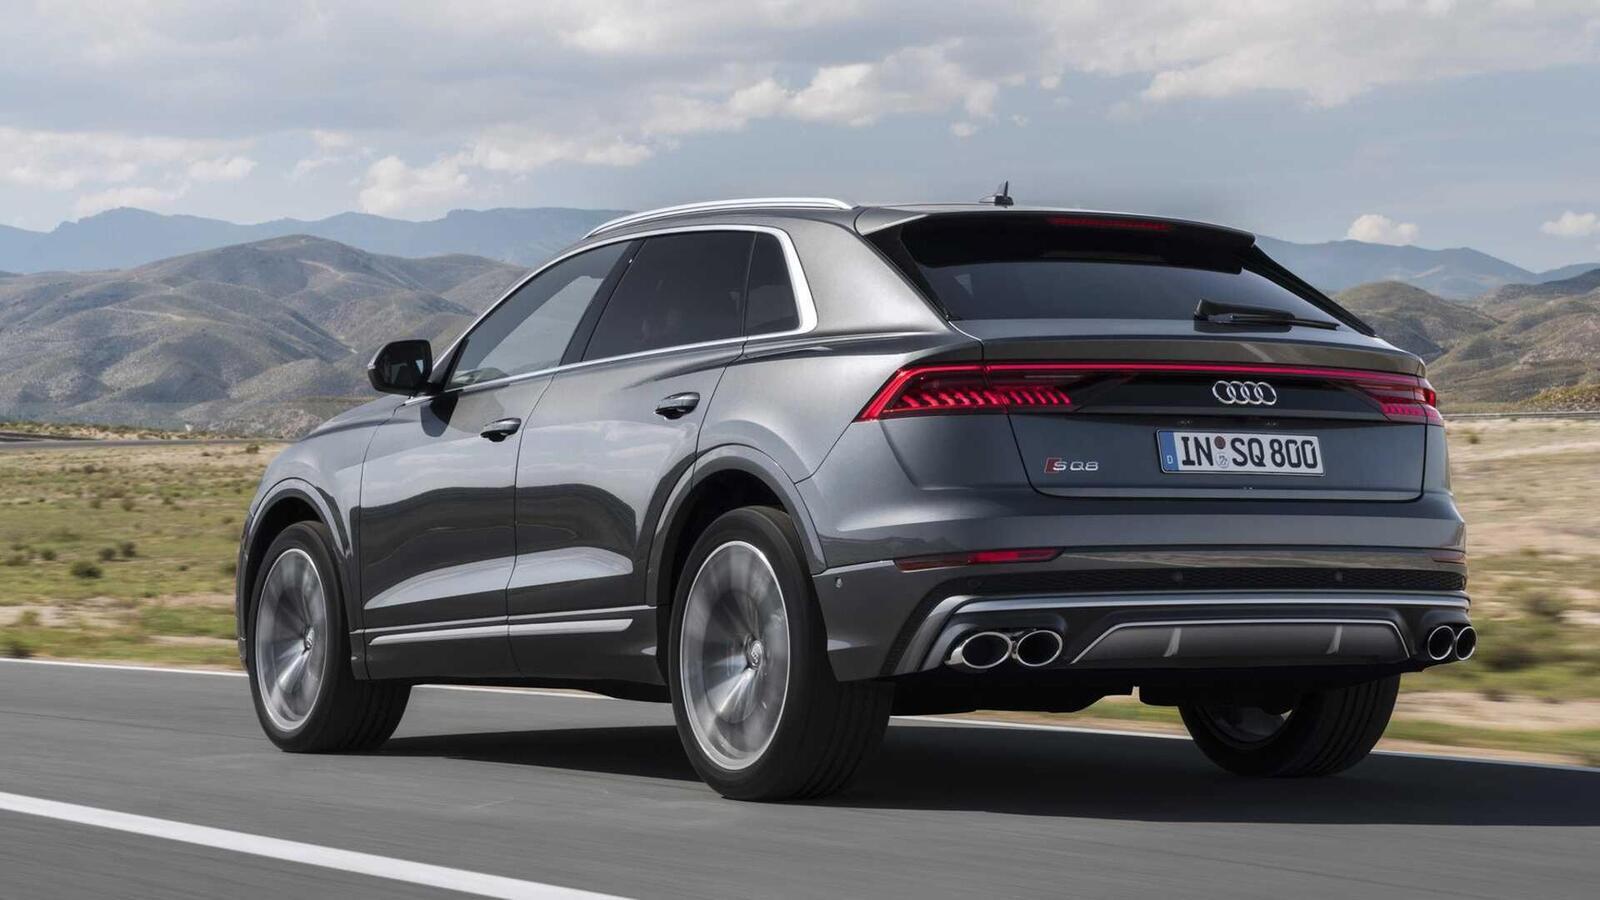 Audi SQ8 ra mắt lắp máy dầu V8 4.0L mild hybrid mạnh 429 mã lực - Hình 5